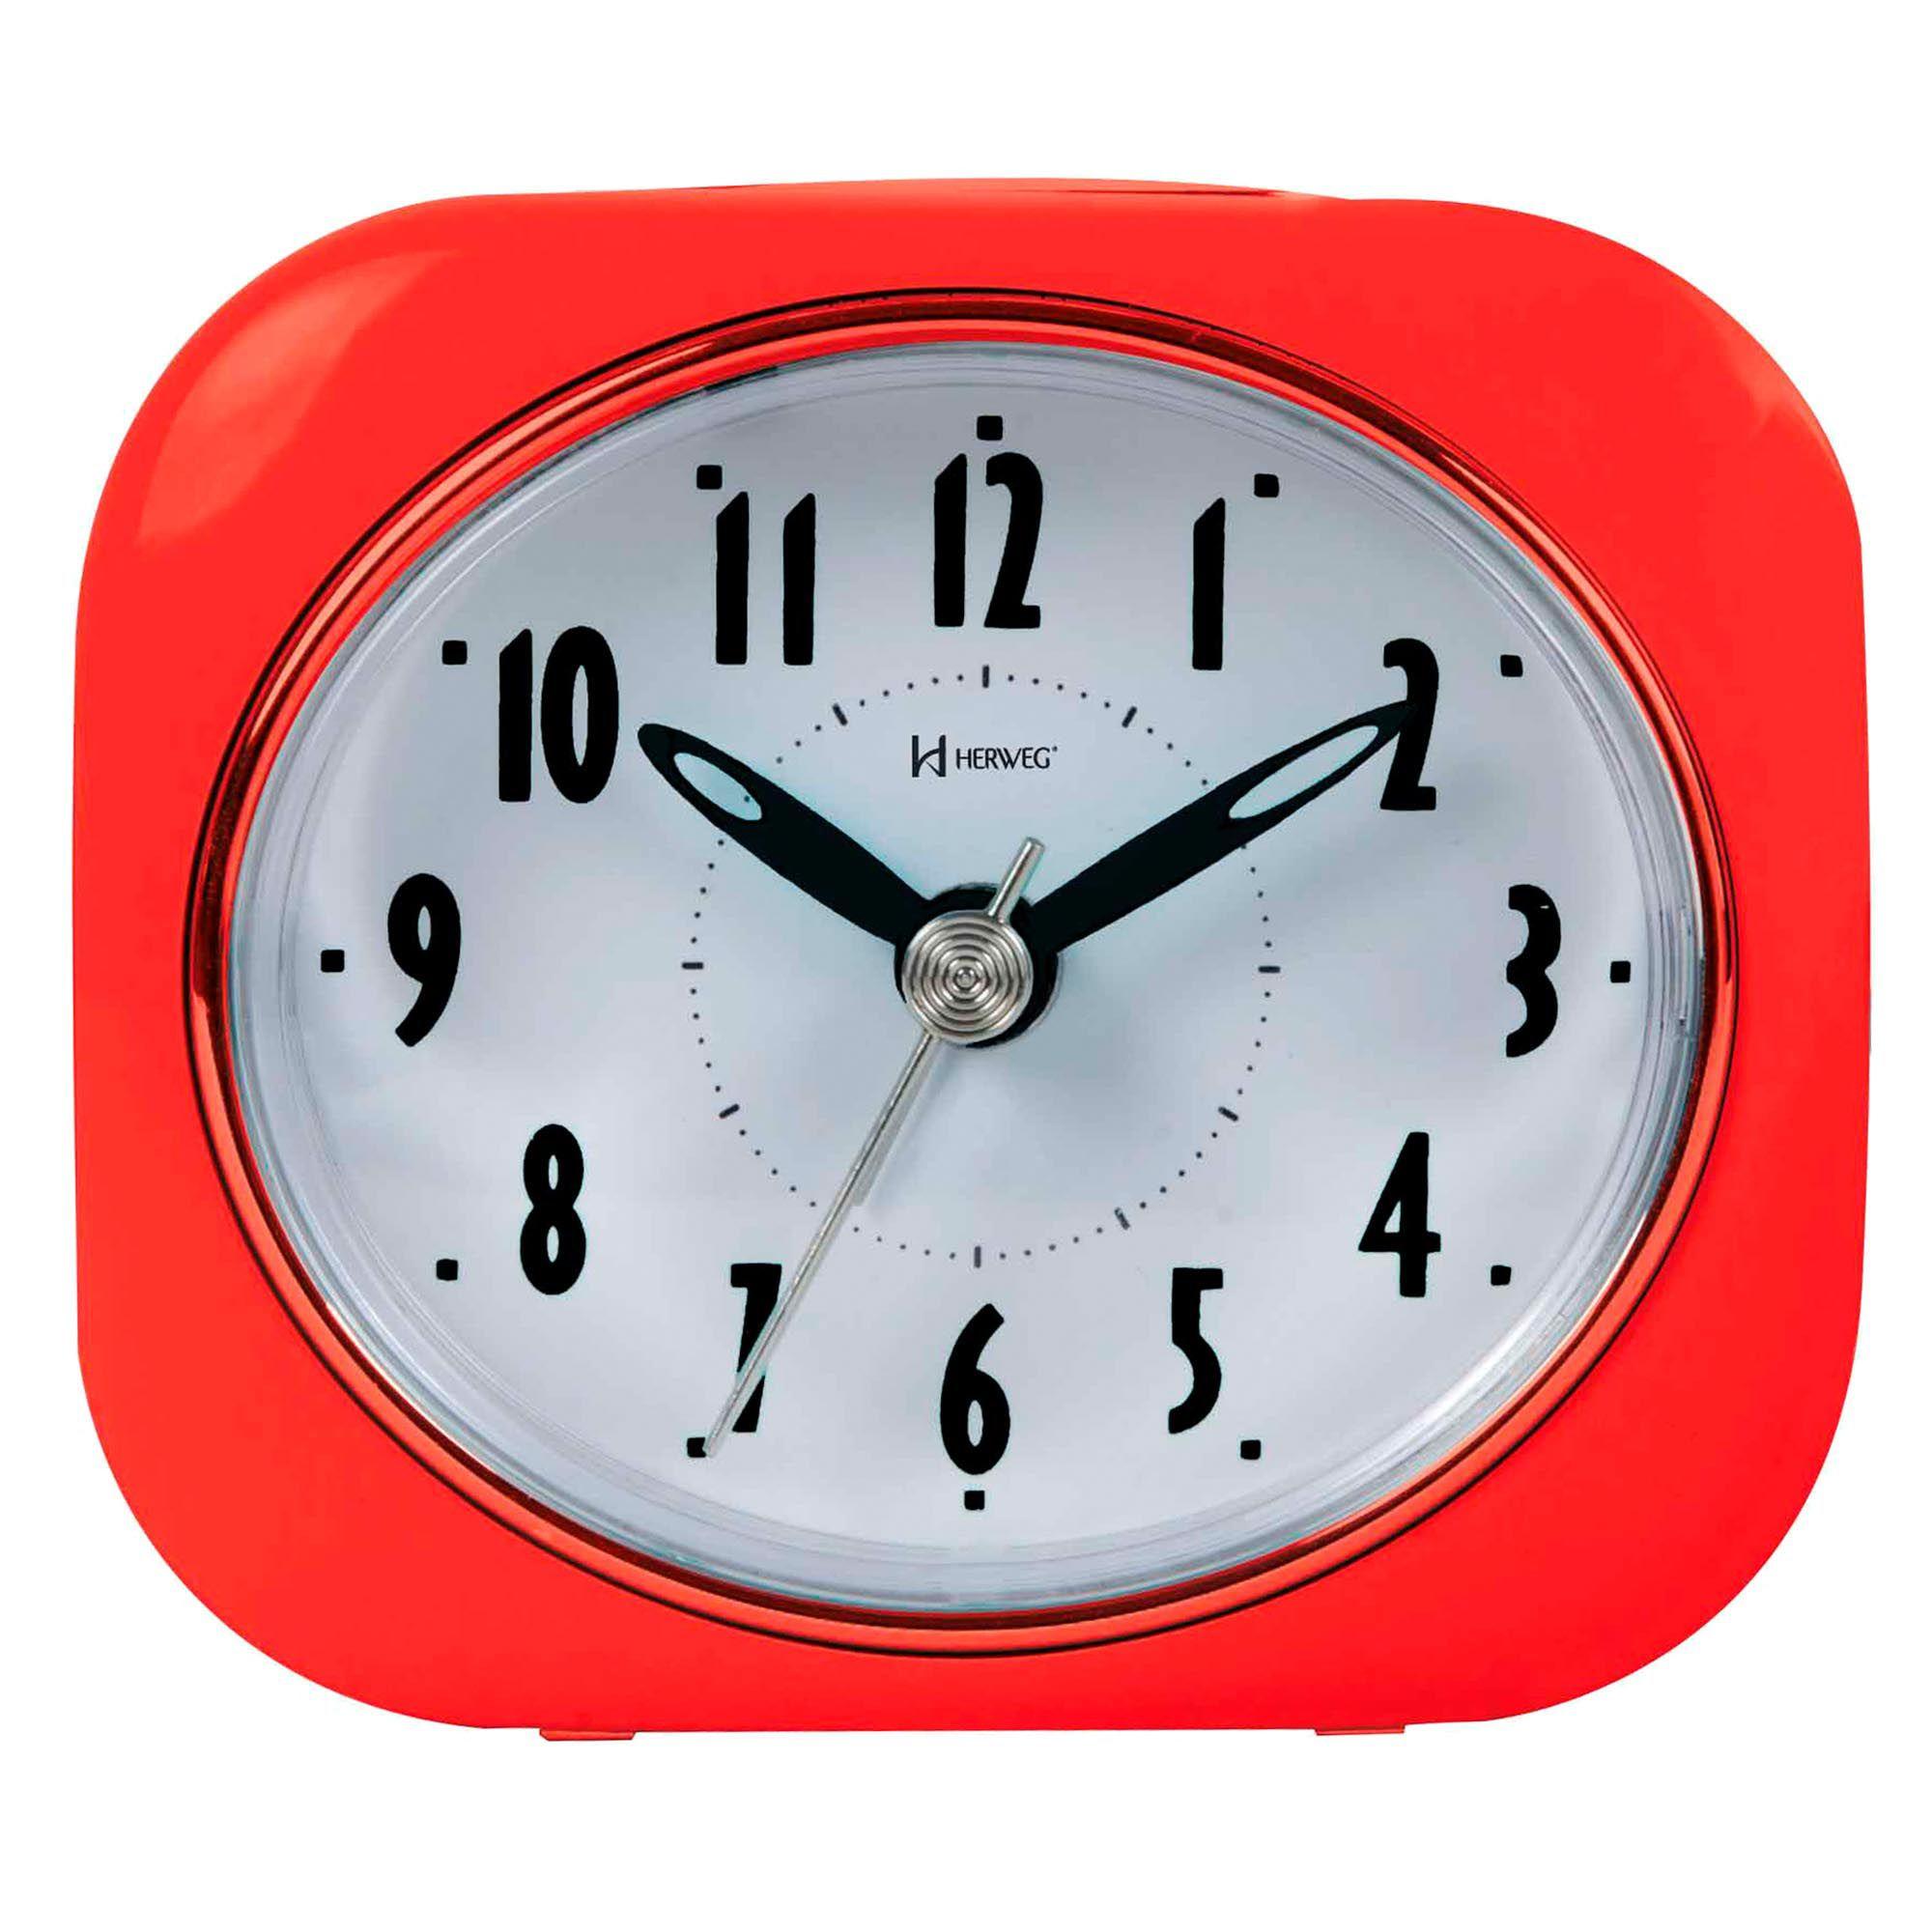 Despertador Analógico Quartzo Herweg 2705 044 Vermelho